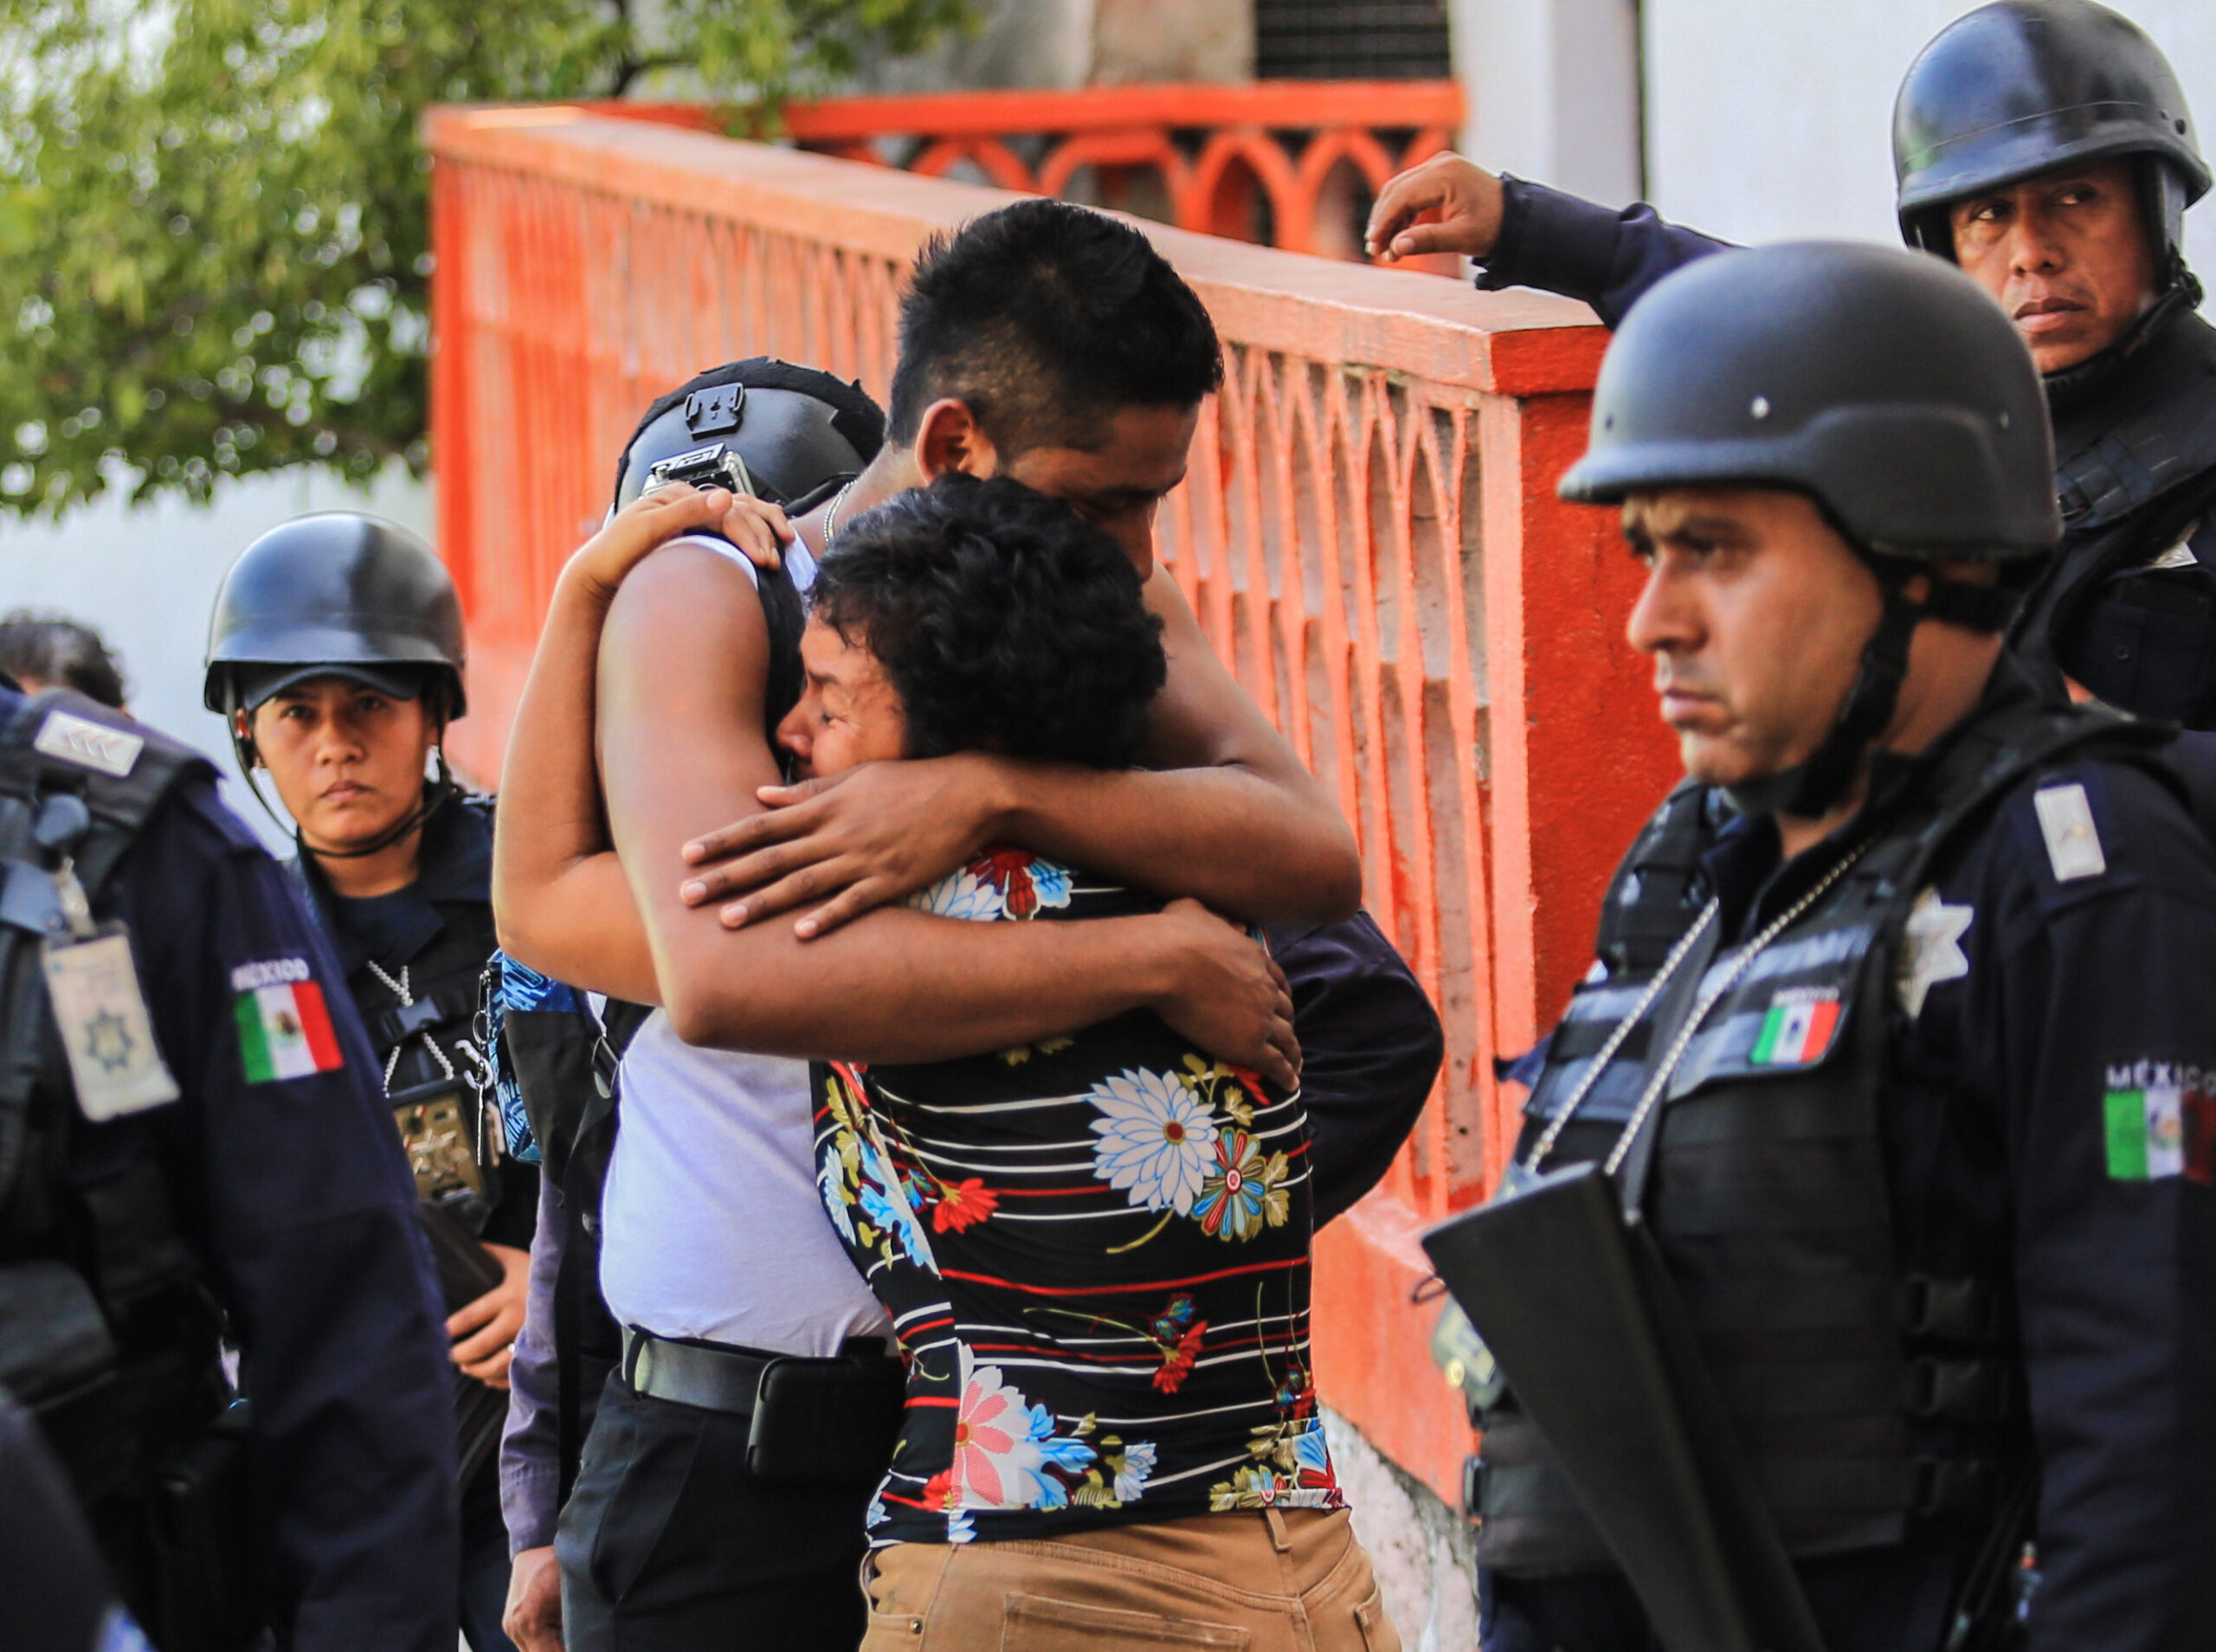 violencia_campanas_mexico